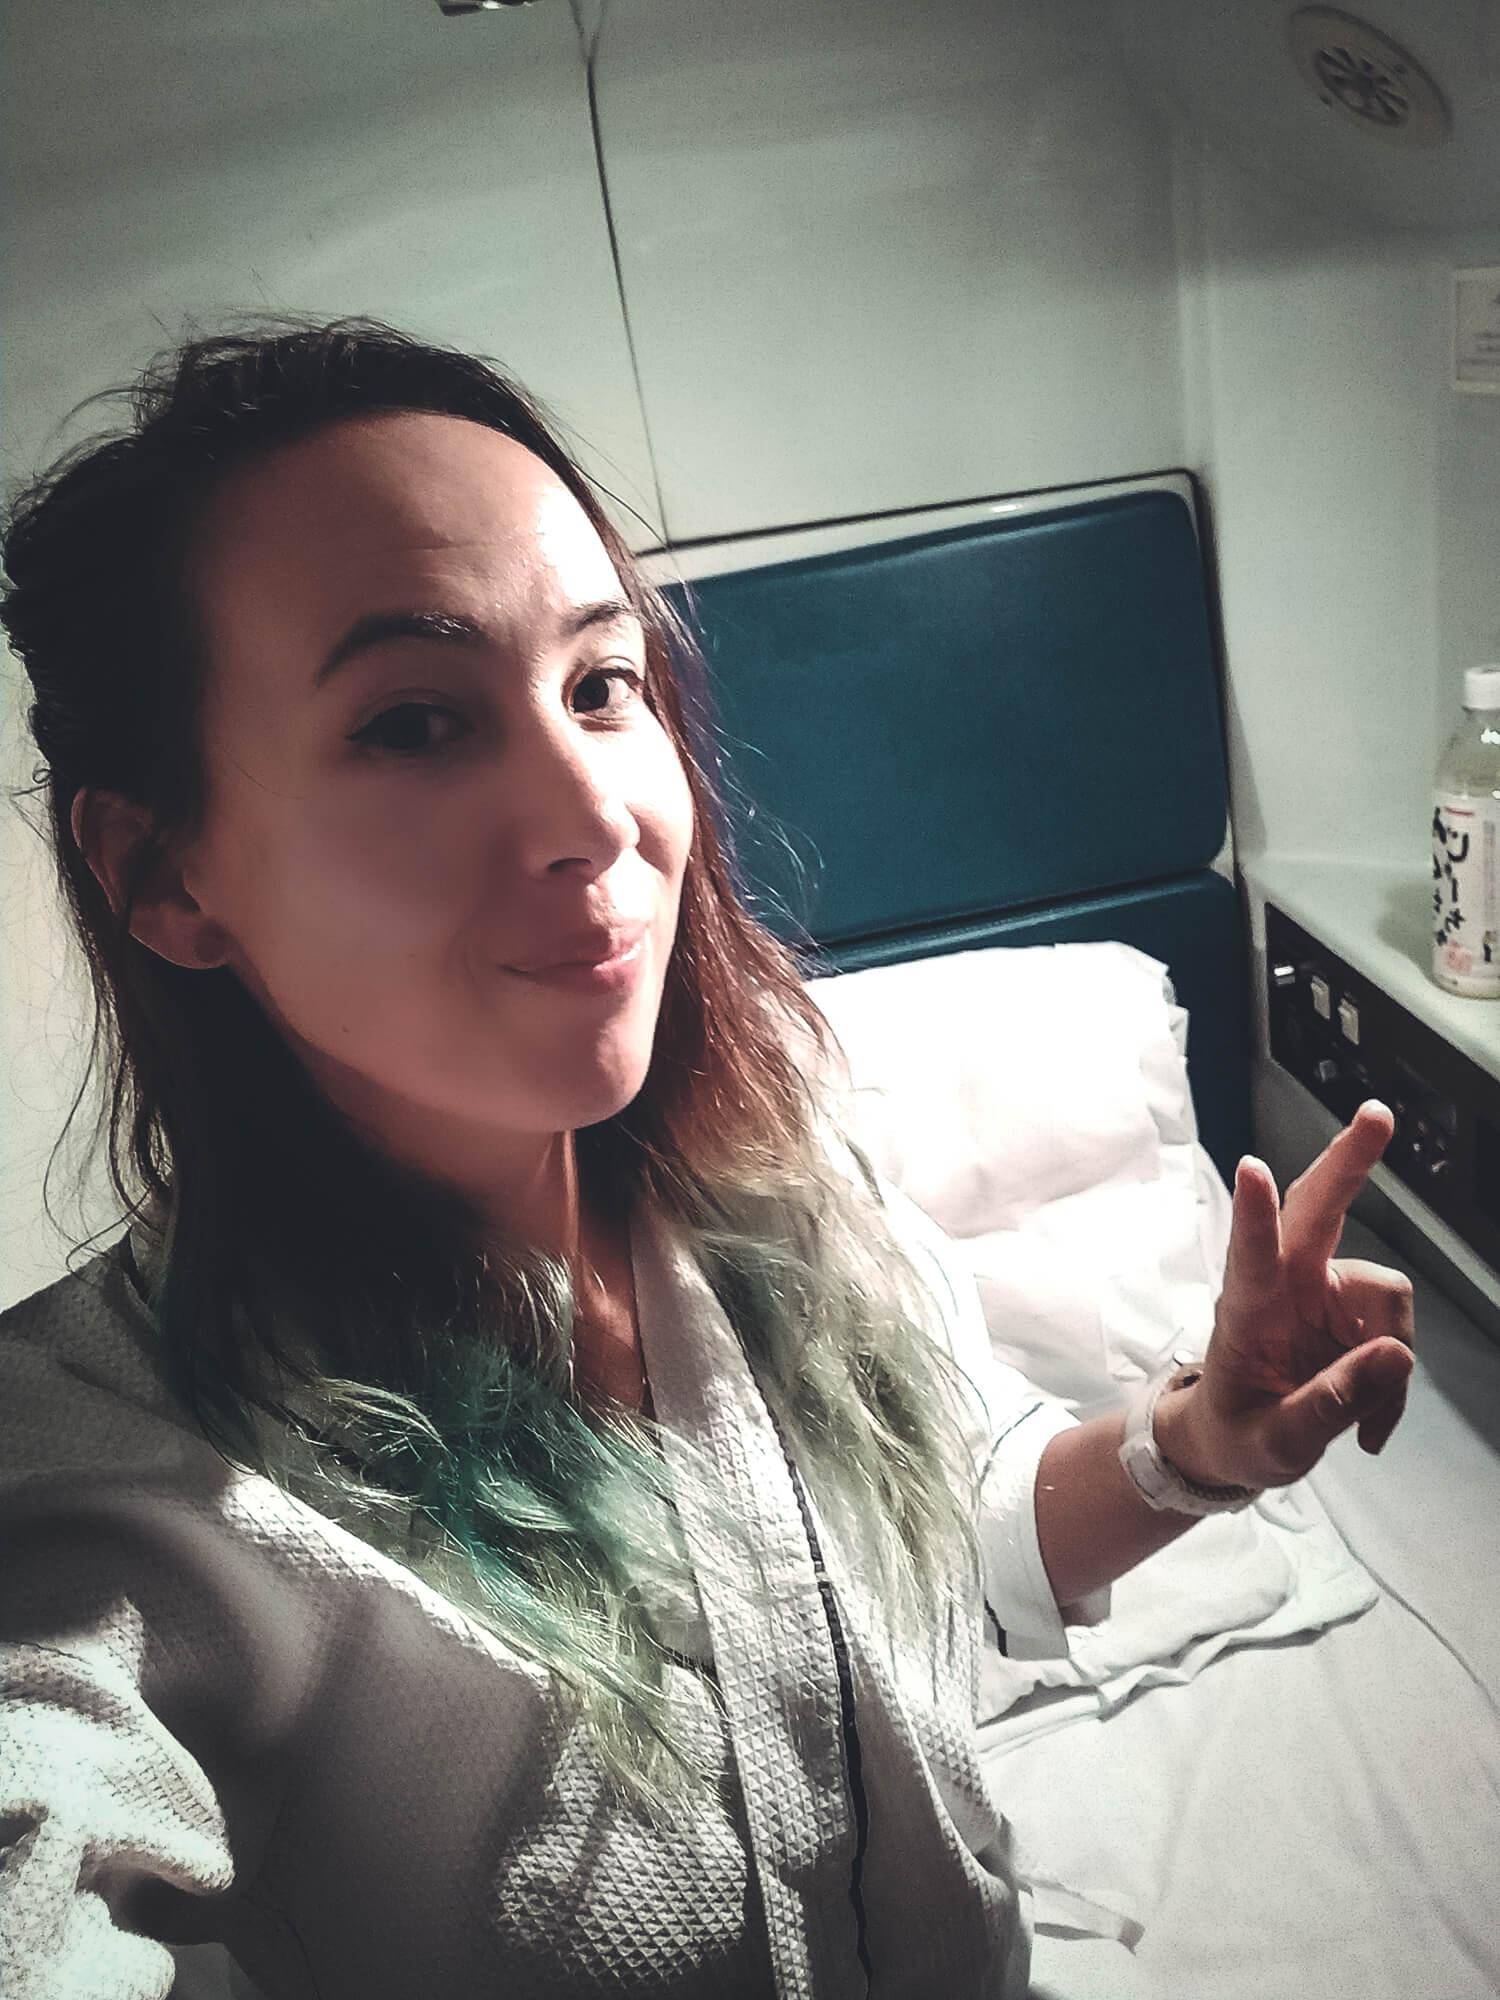 In capsulehotel Japan